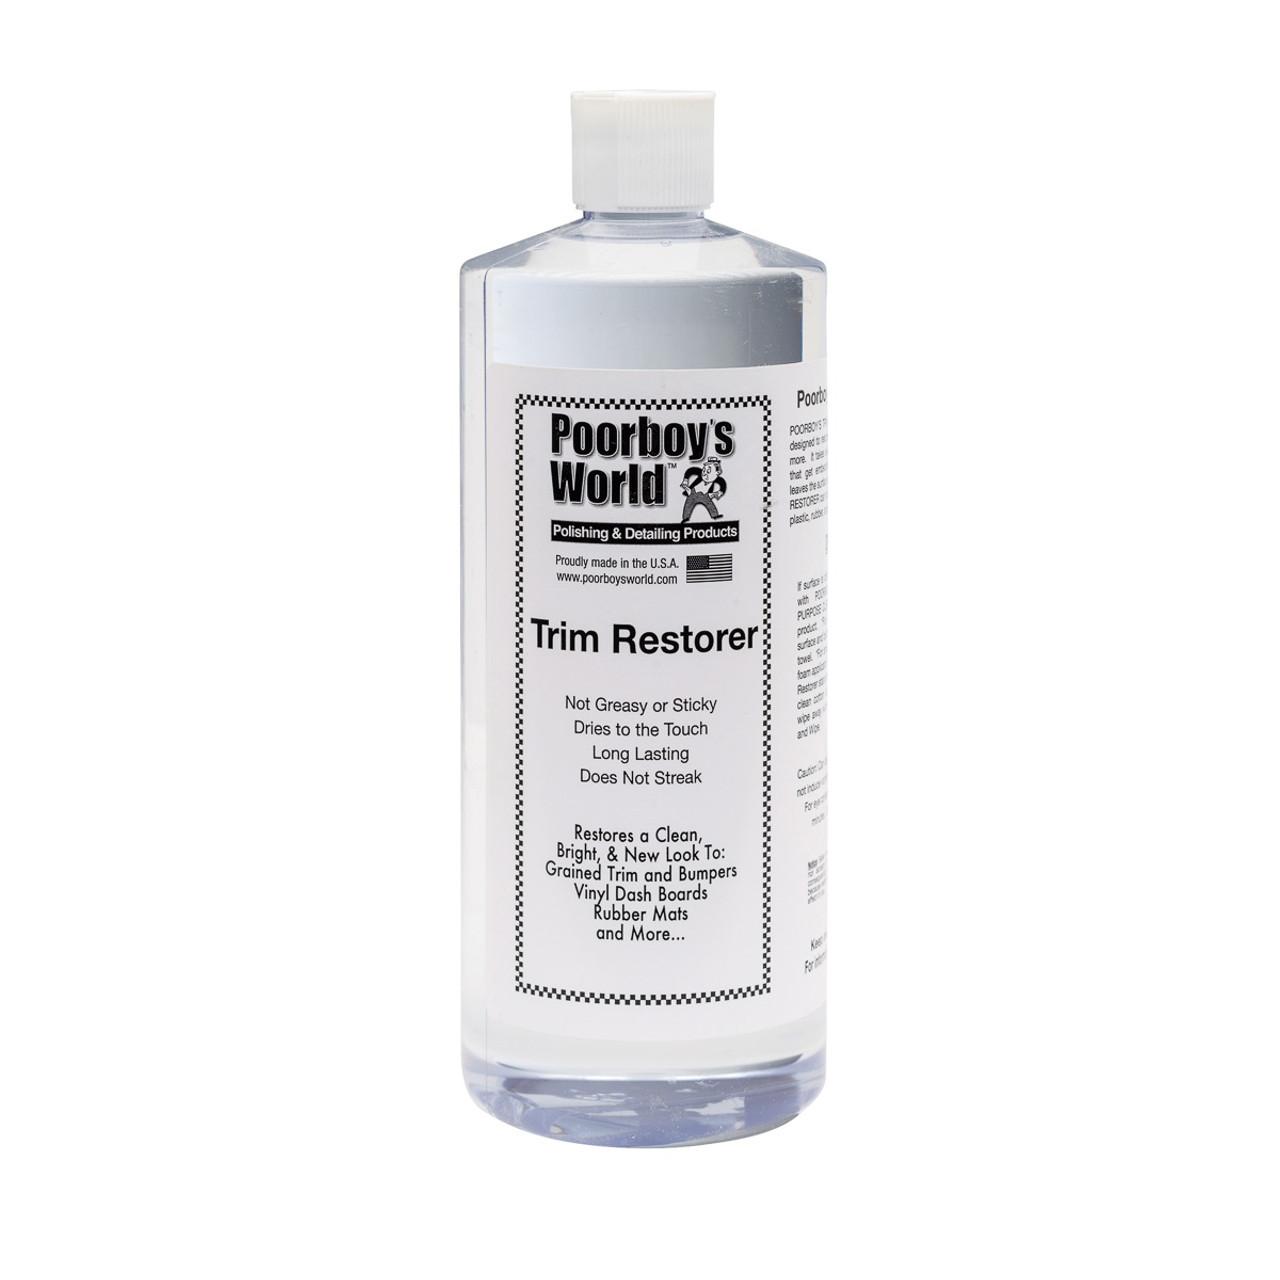 Poorboy's World Trim Restorer 32oz Refill